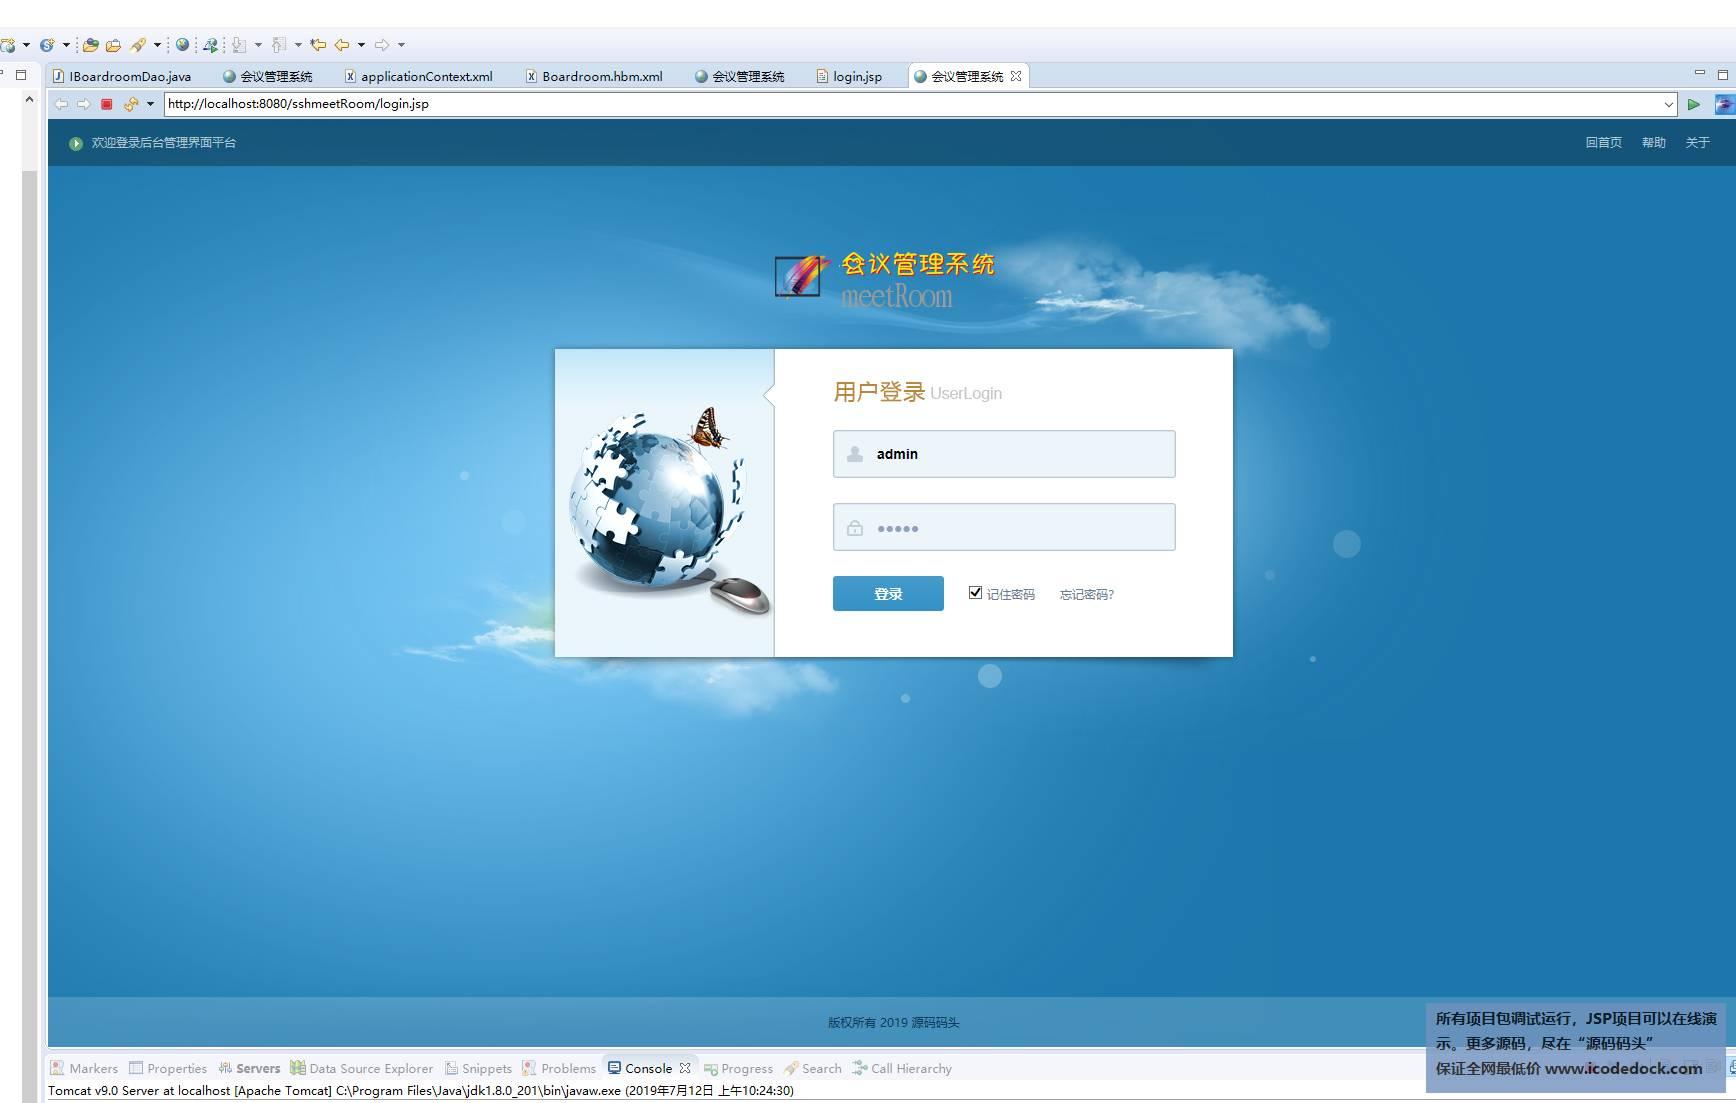 源码码头-SSH会议室管理系统-登录页面